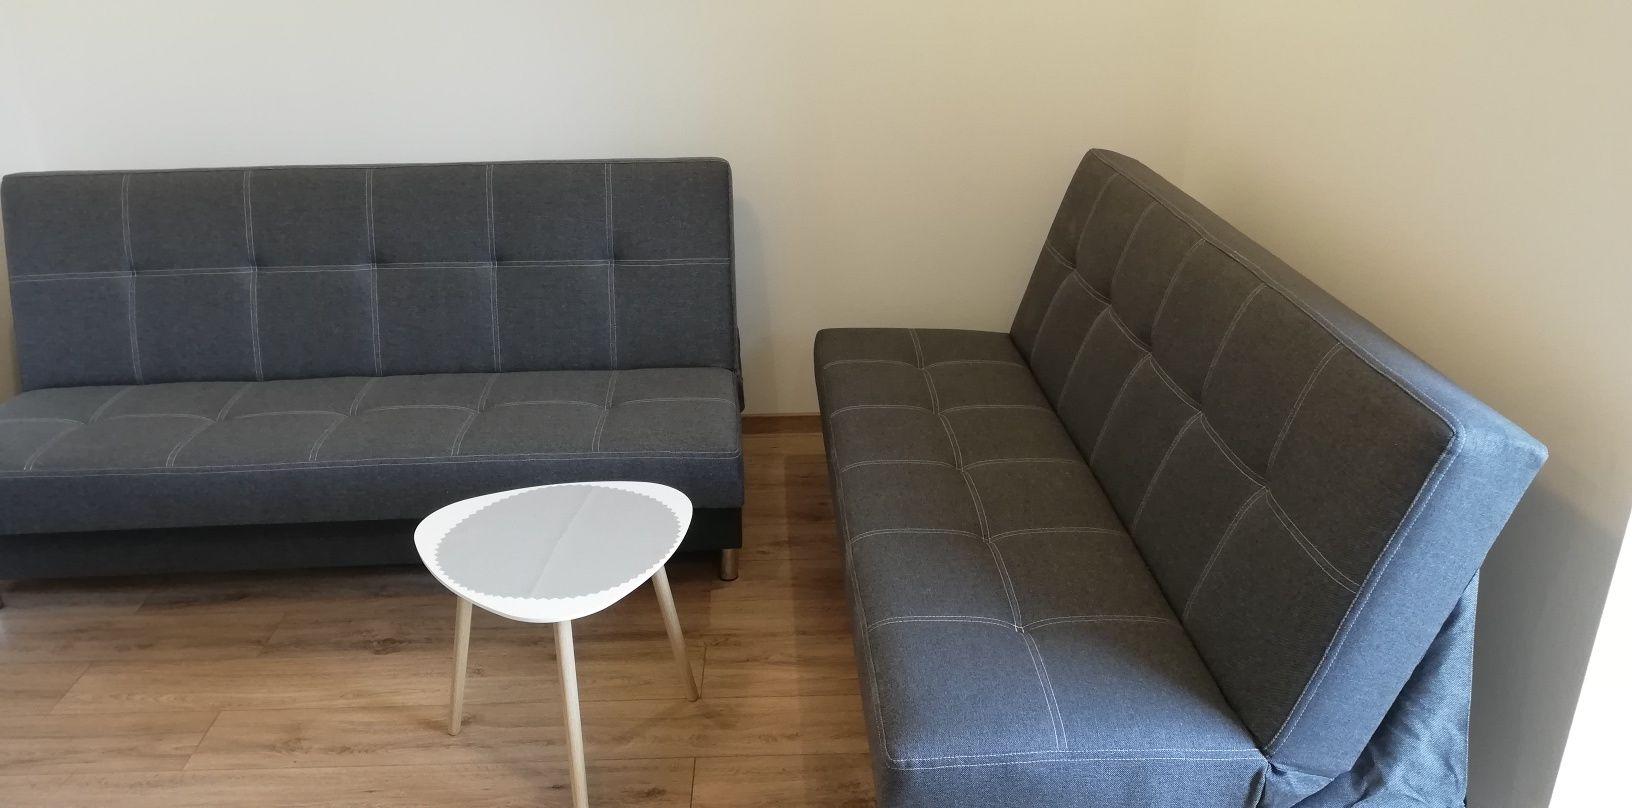 Apartament do wynajęcia na doby centrum Andrychowa / Zator Wadowice